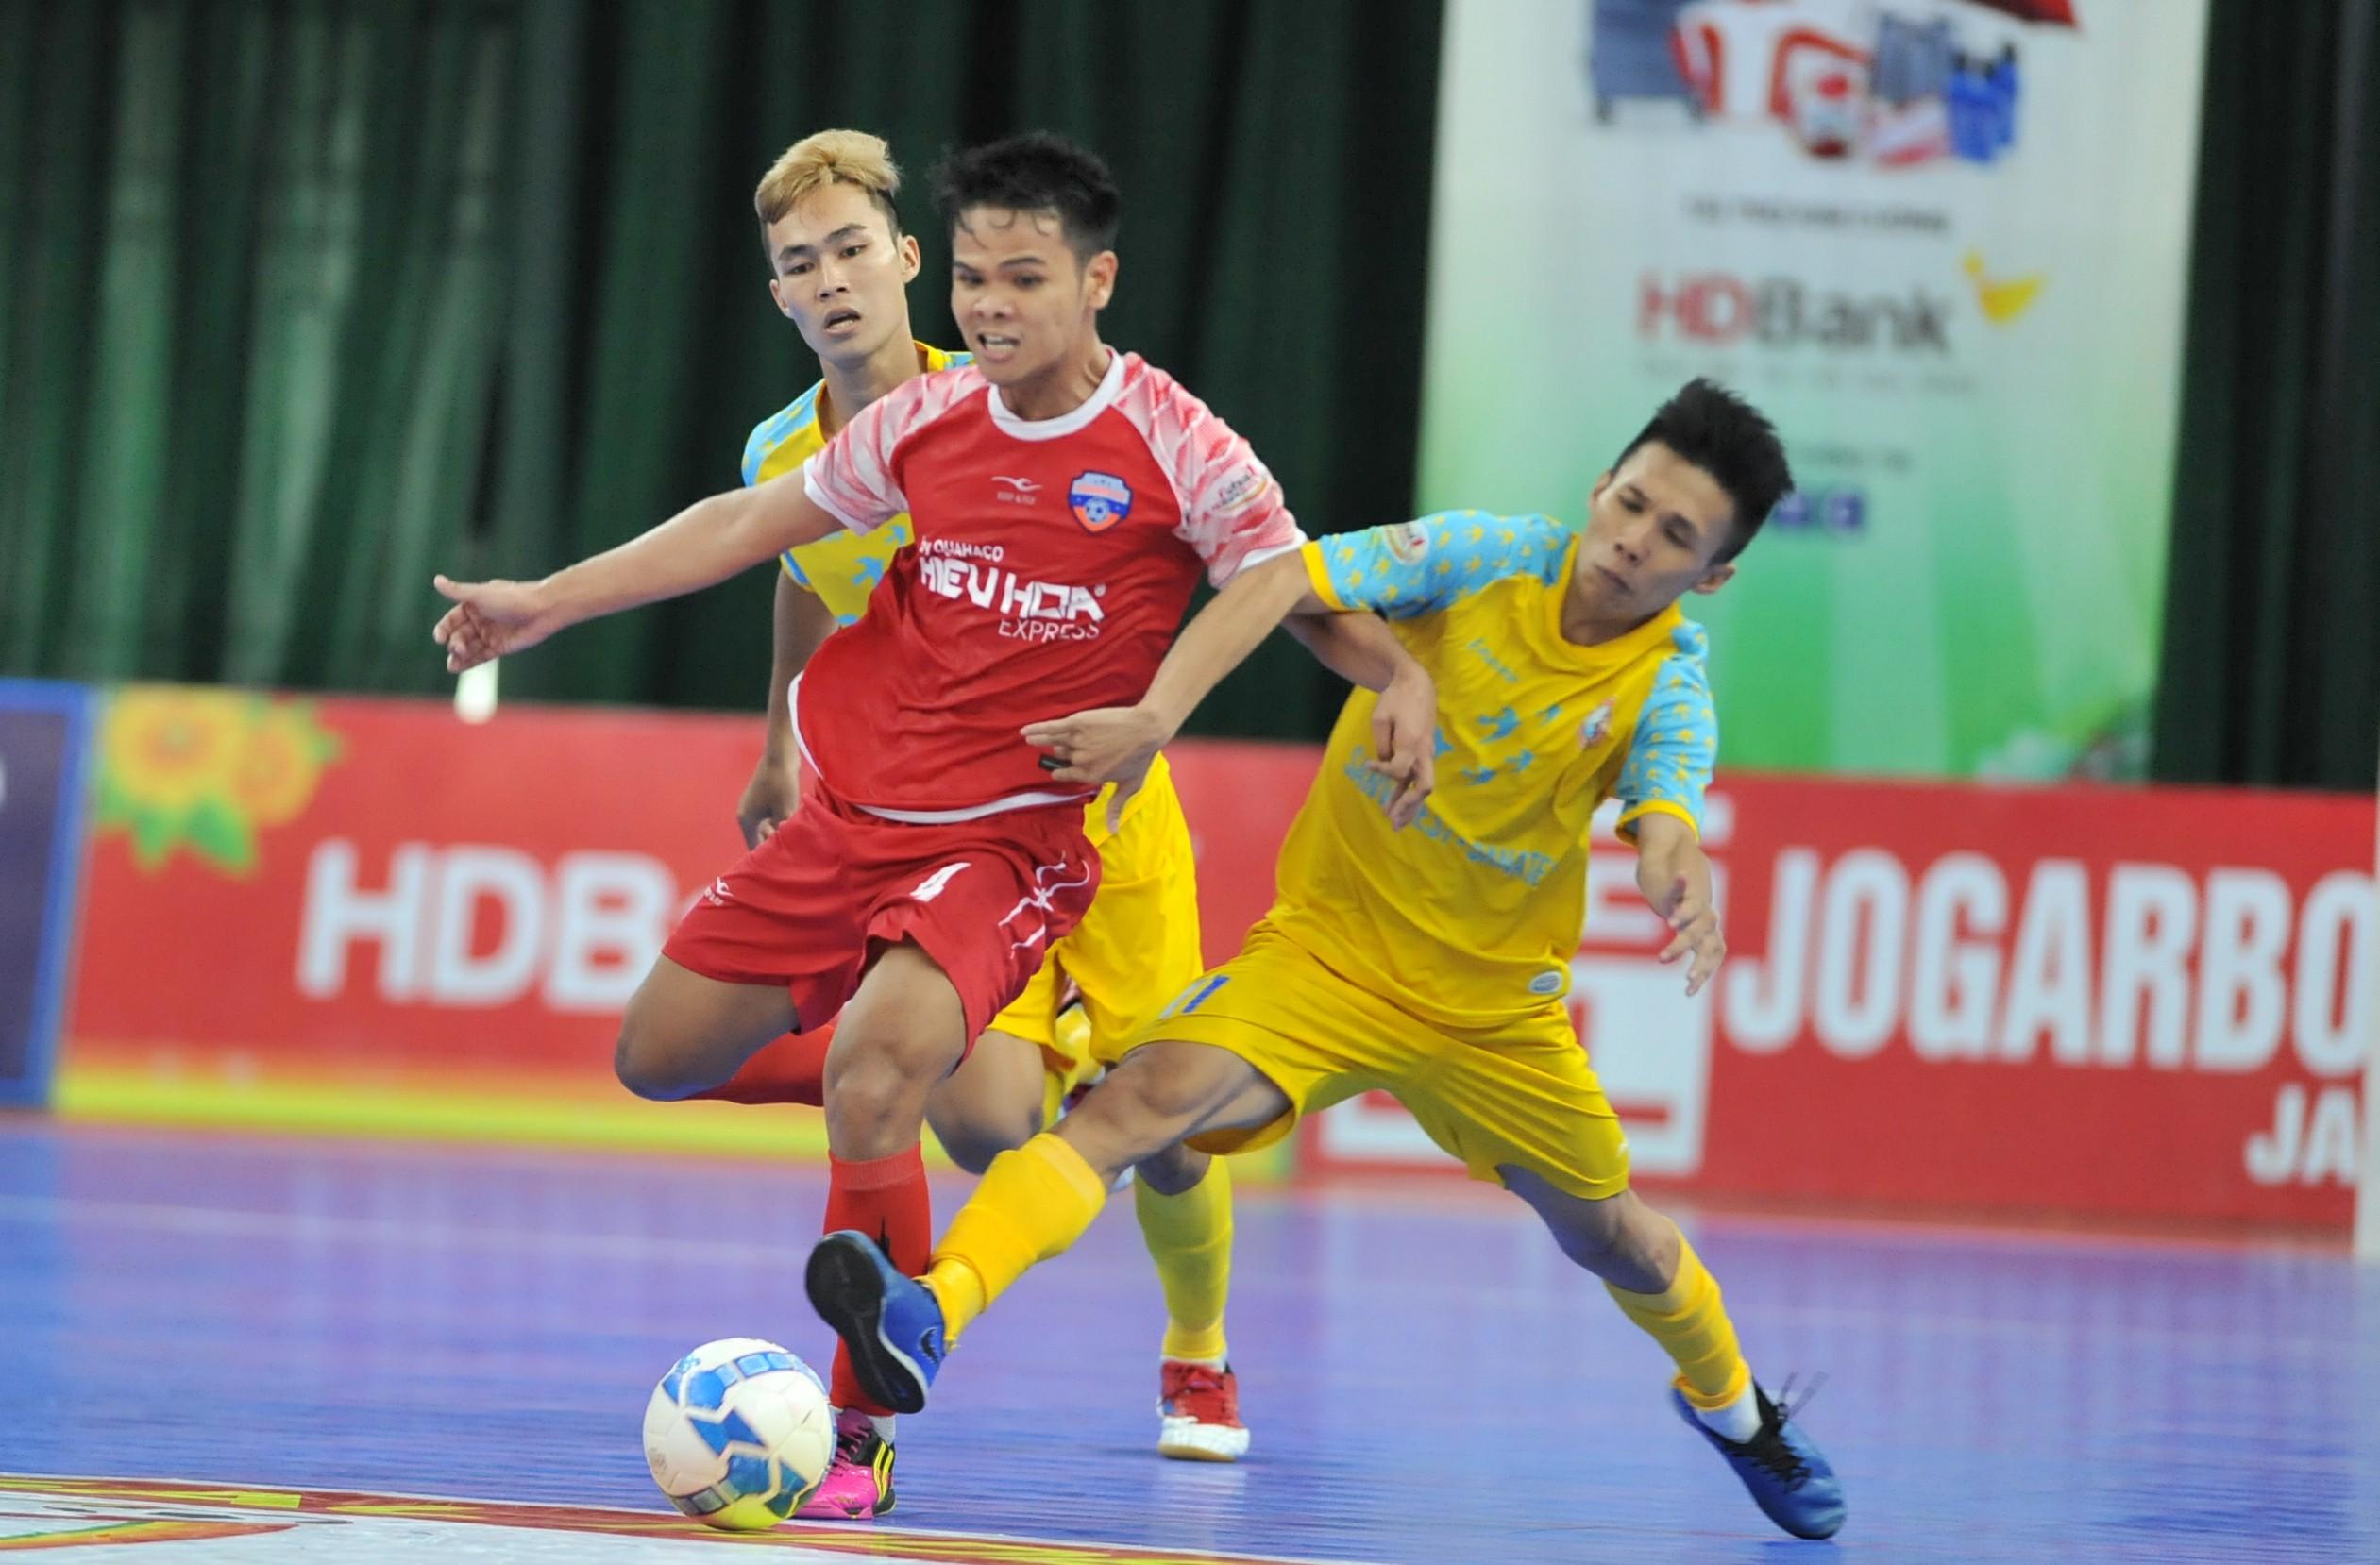 Lượt 17 VCK giải futsal HDBank VĐQG 2019: Sanvinest Sanatech Khánh Hòa hụt bước